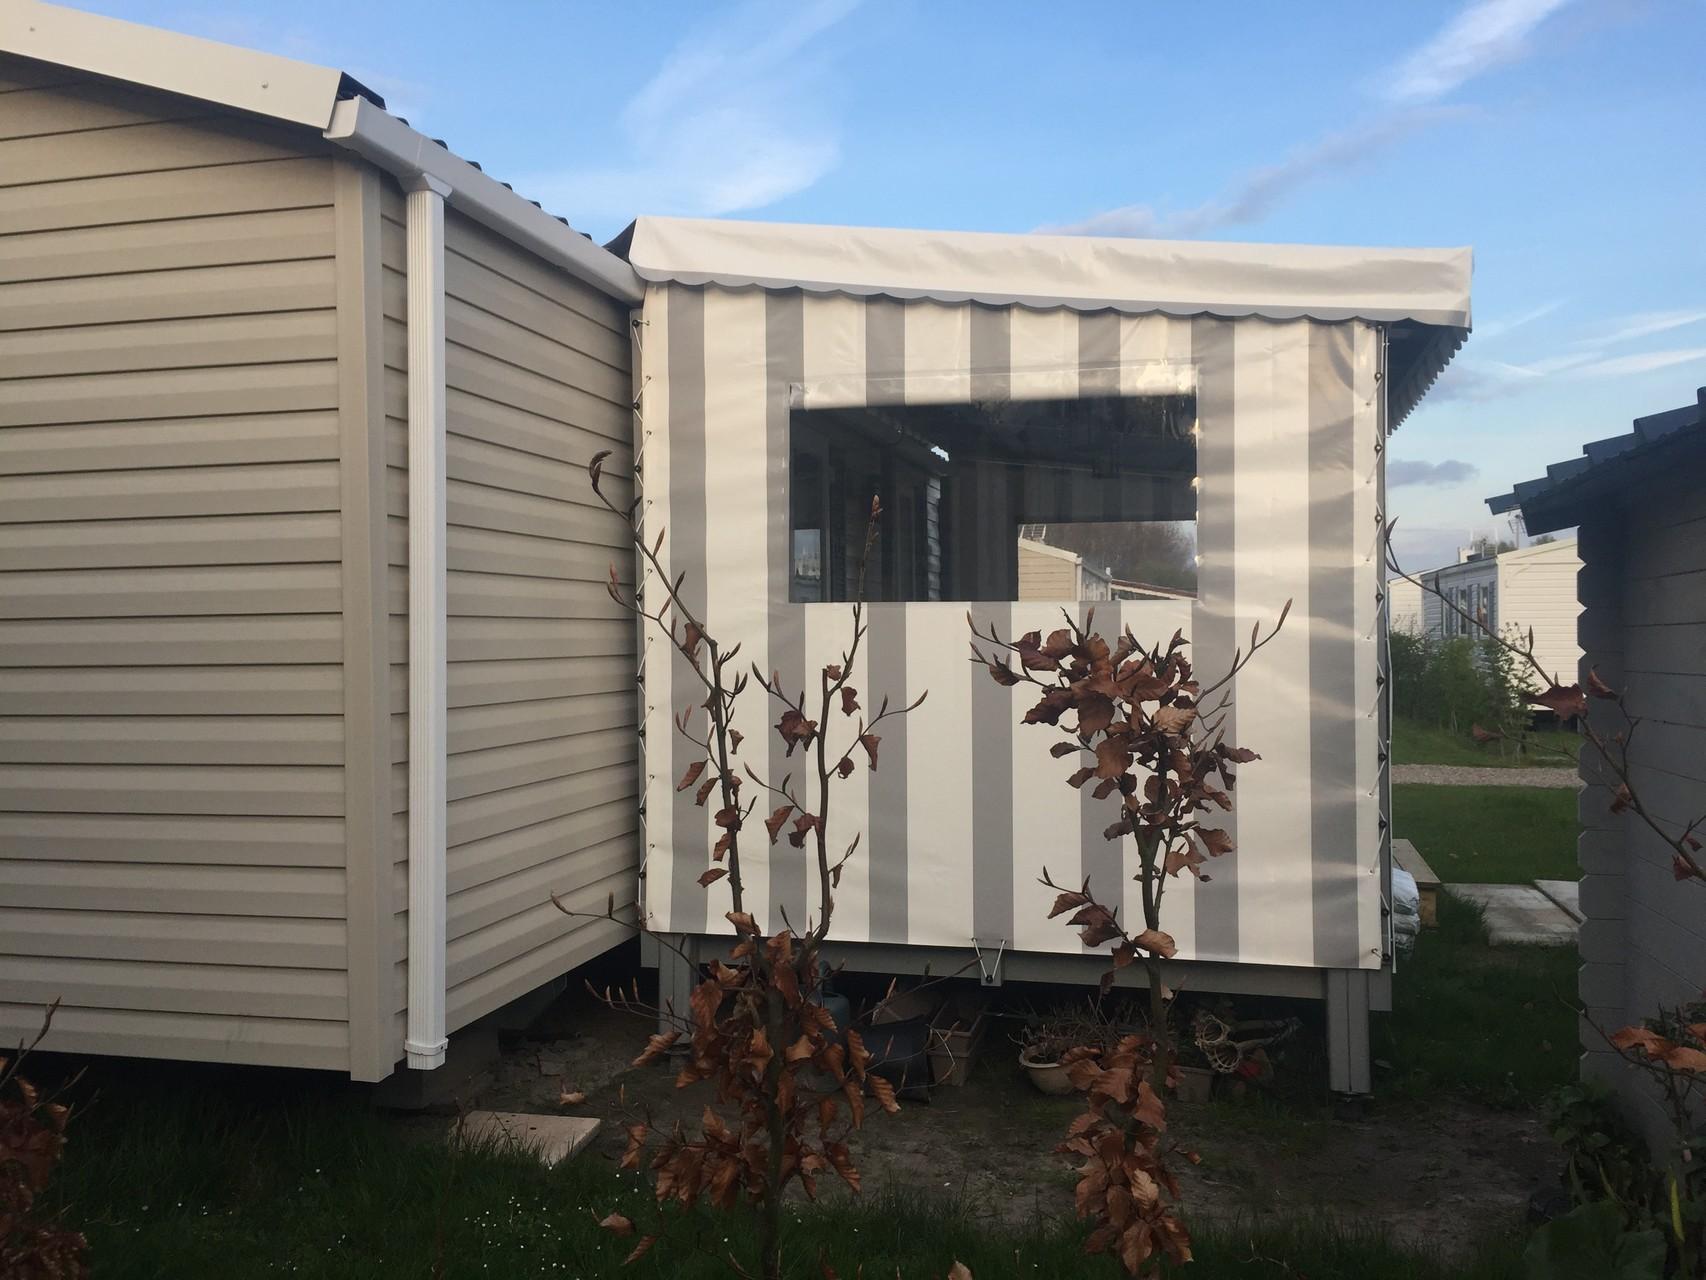 terrasse du lys vente de terrasse mobil home et chalet couverte ou non, façade , joue, côté, neuf et occasion